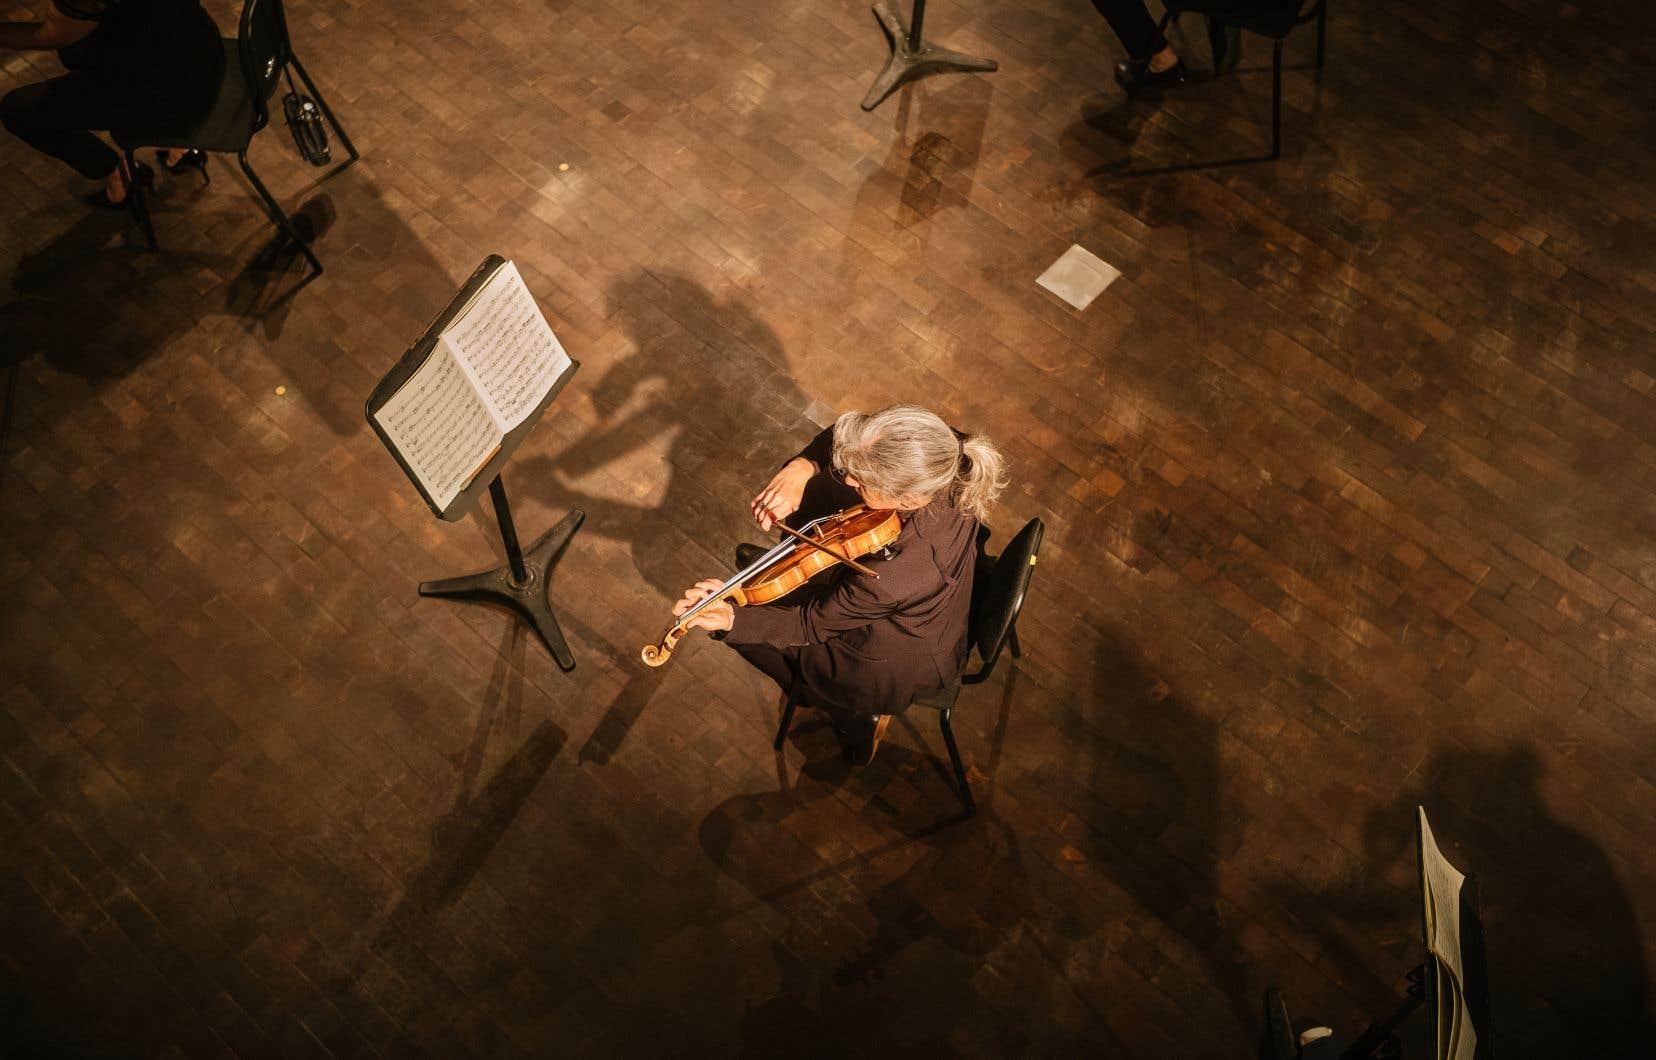 L'Orchestre Métropolitain a vidé la salle Bourgie de ses sièges afin de pouvoir jouer Beethoven en captation vidéo tout en respectant la distanciation physique.